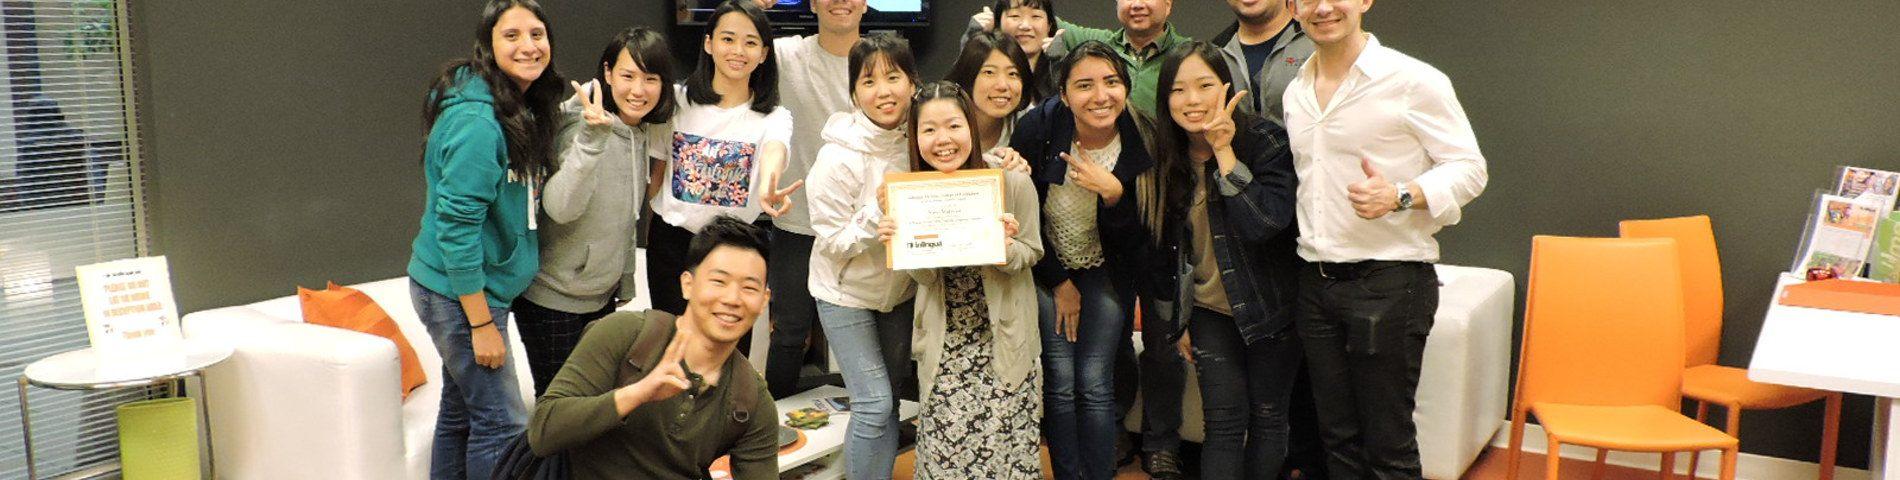 inlingua Victoria College of Languages picture 1